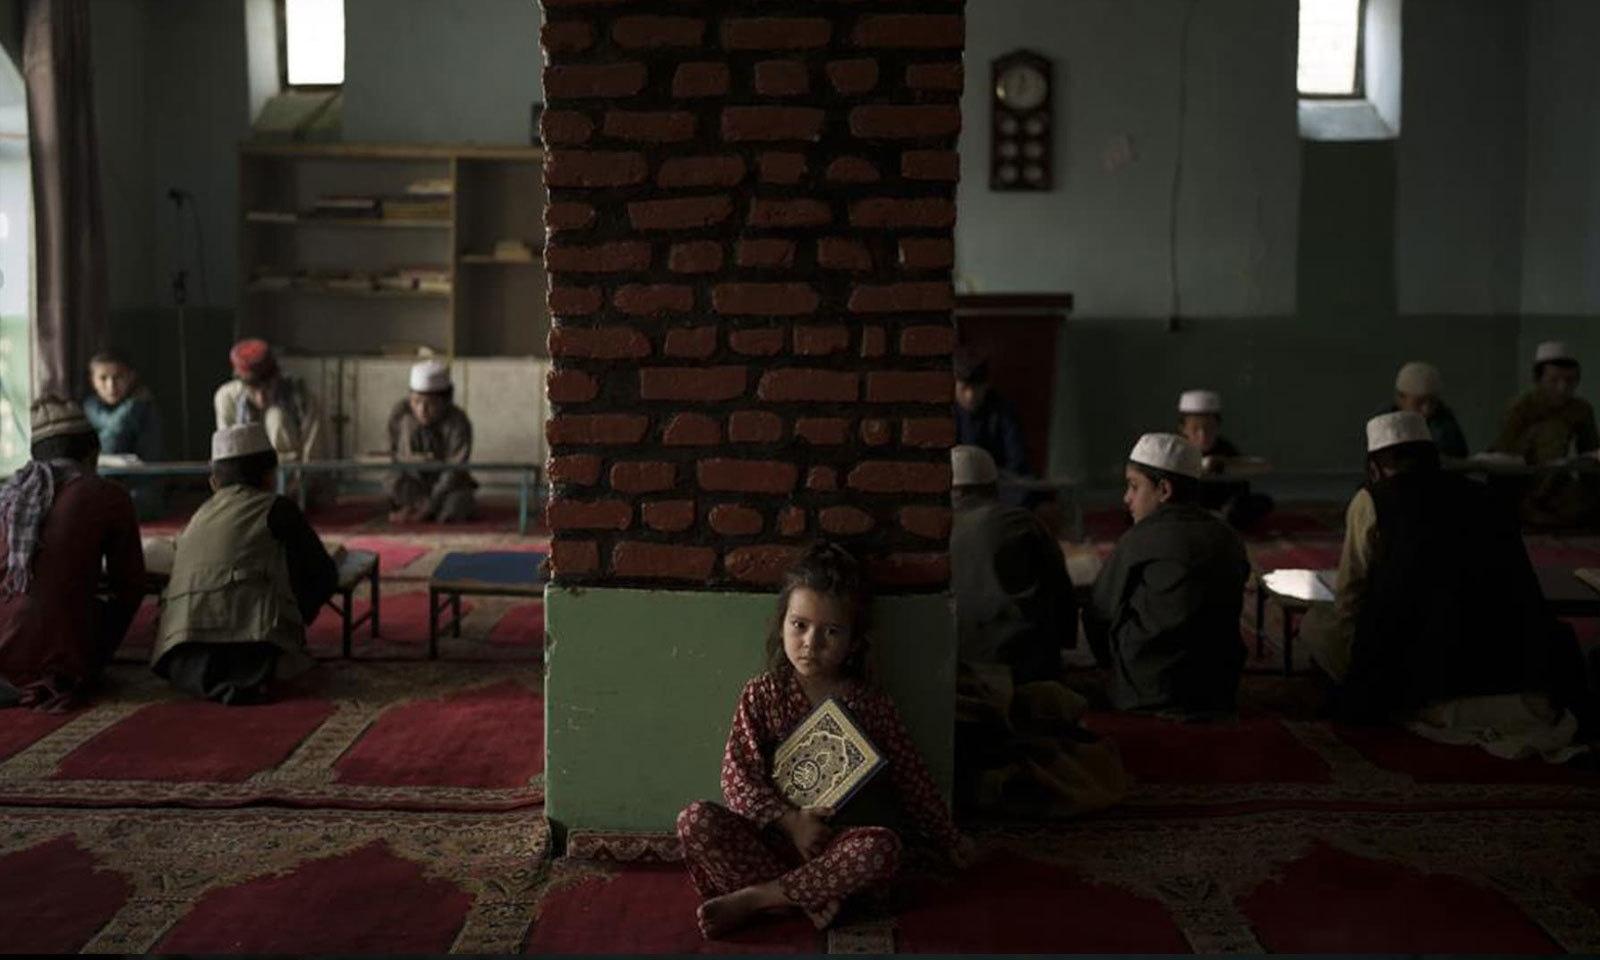 مدارس کے طلبا بھی غیر یقینی صورتحال کا شکار ہیں کہ طالبان کے دور میں ان کا مستقبل کیا ہوگا —فوٹو: اے پی